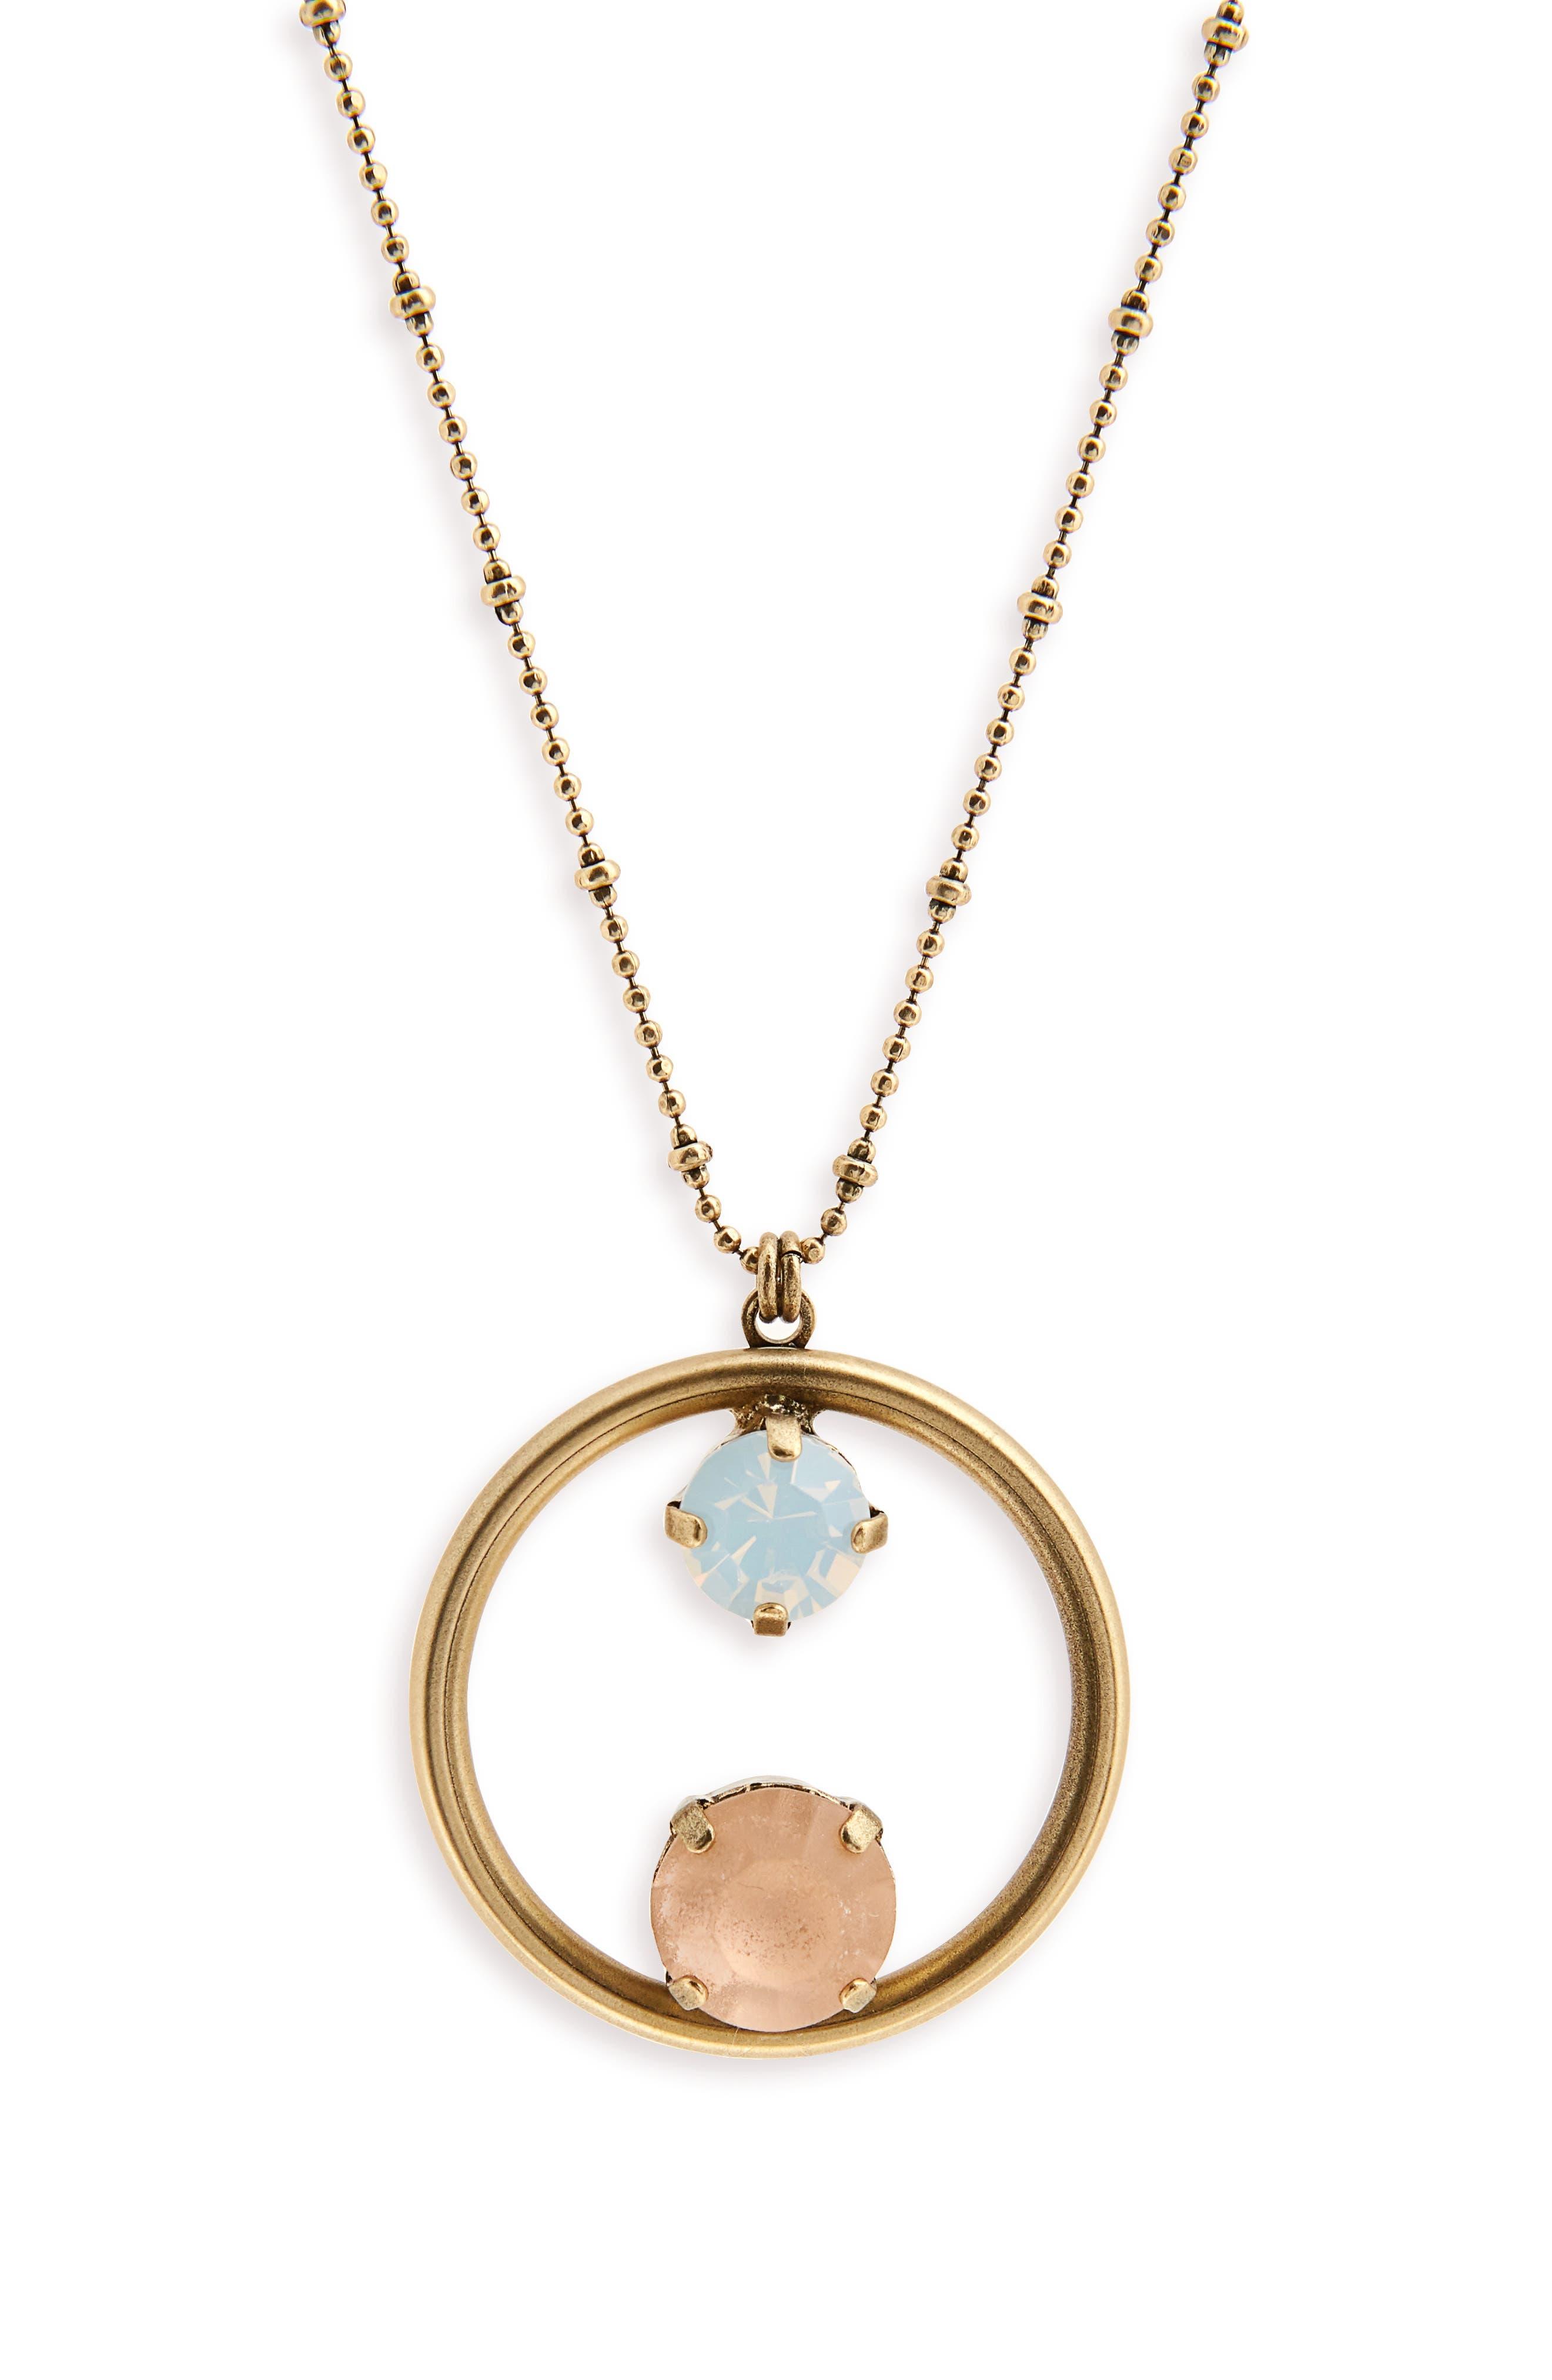 Cecelia Long Pendant Necklace,                             Main thumbnail 1, color,                             Peach/ White